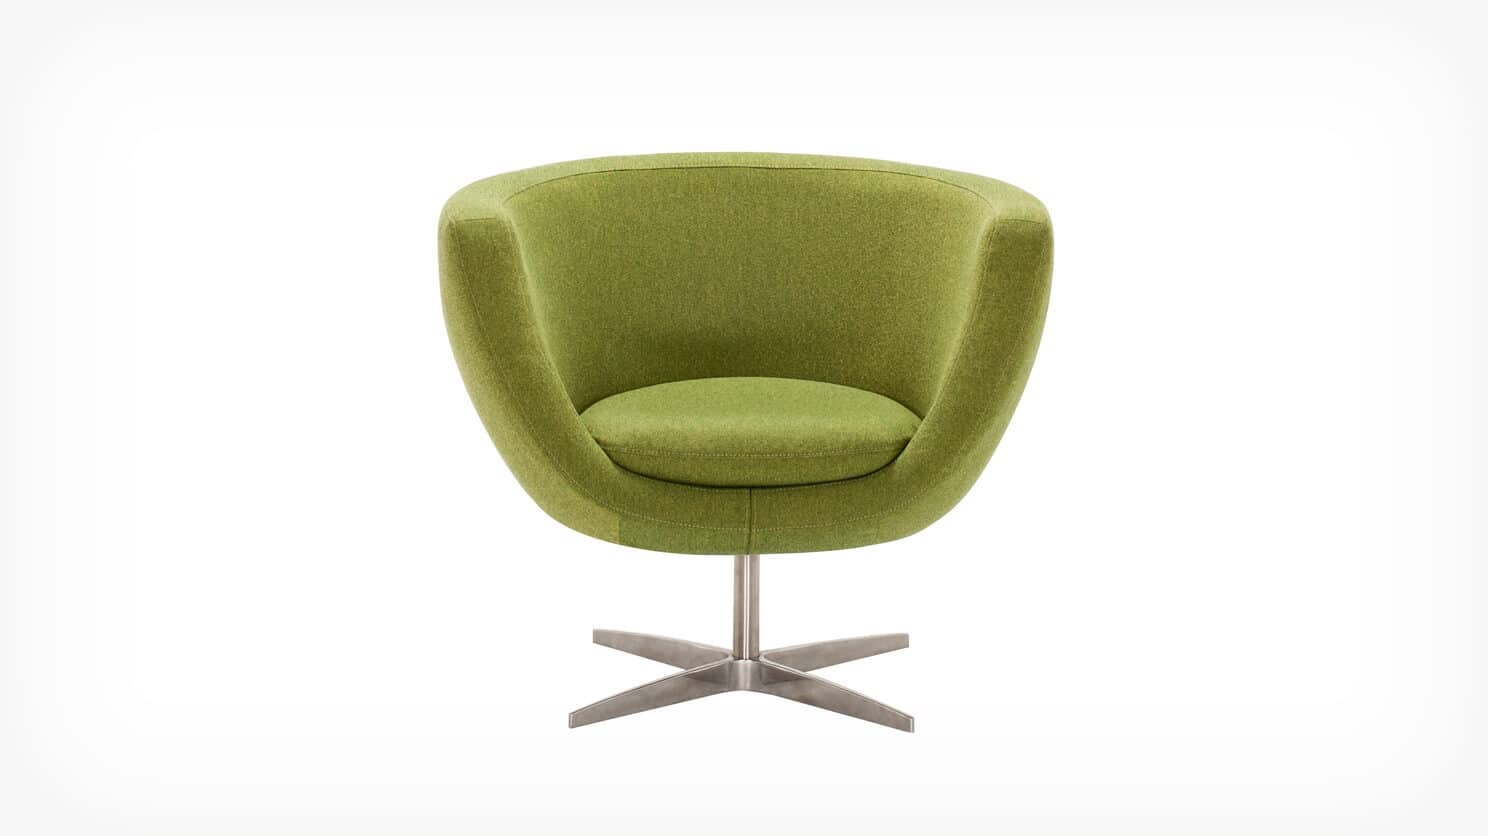 30119 71 par 1 chairs tub chair jet leaf front 01